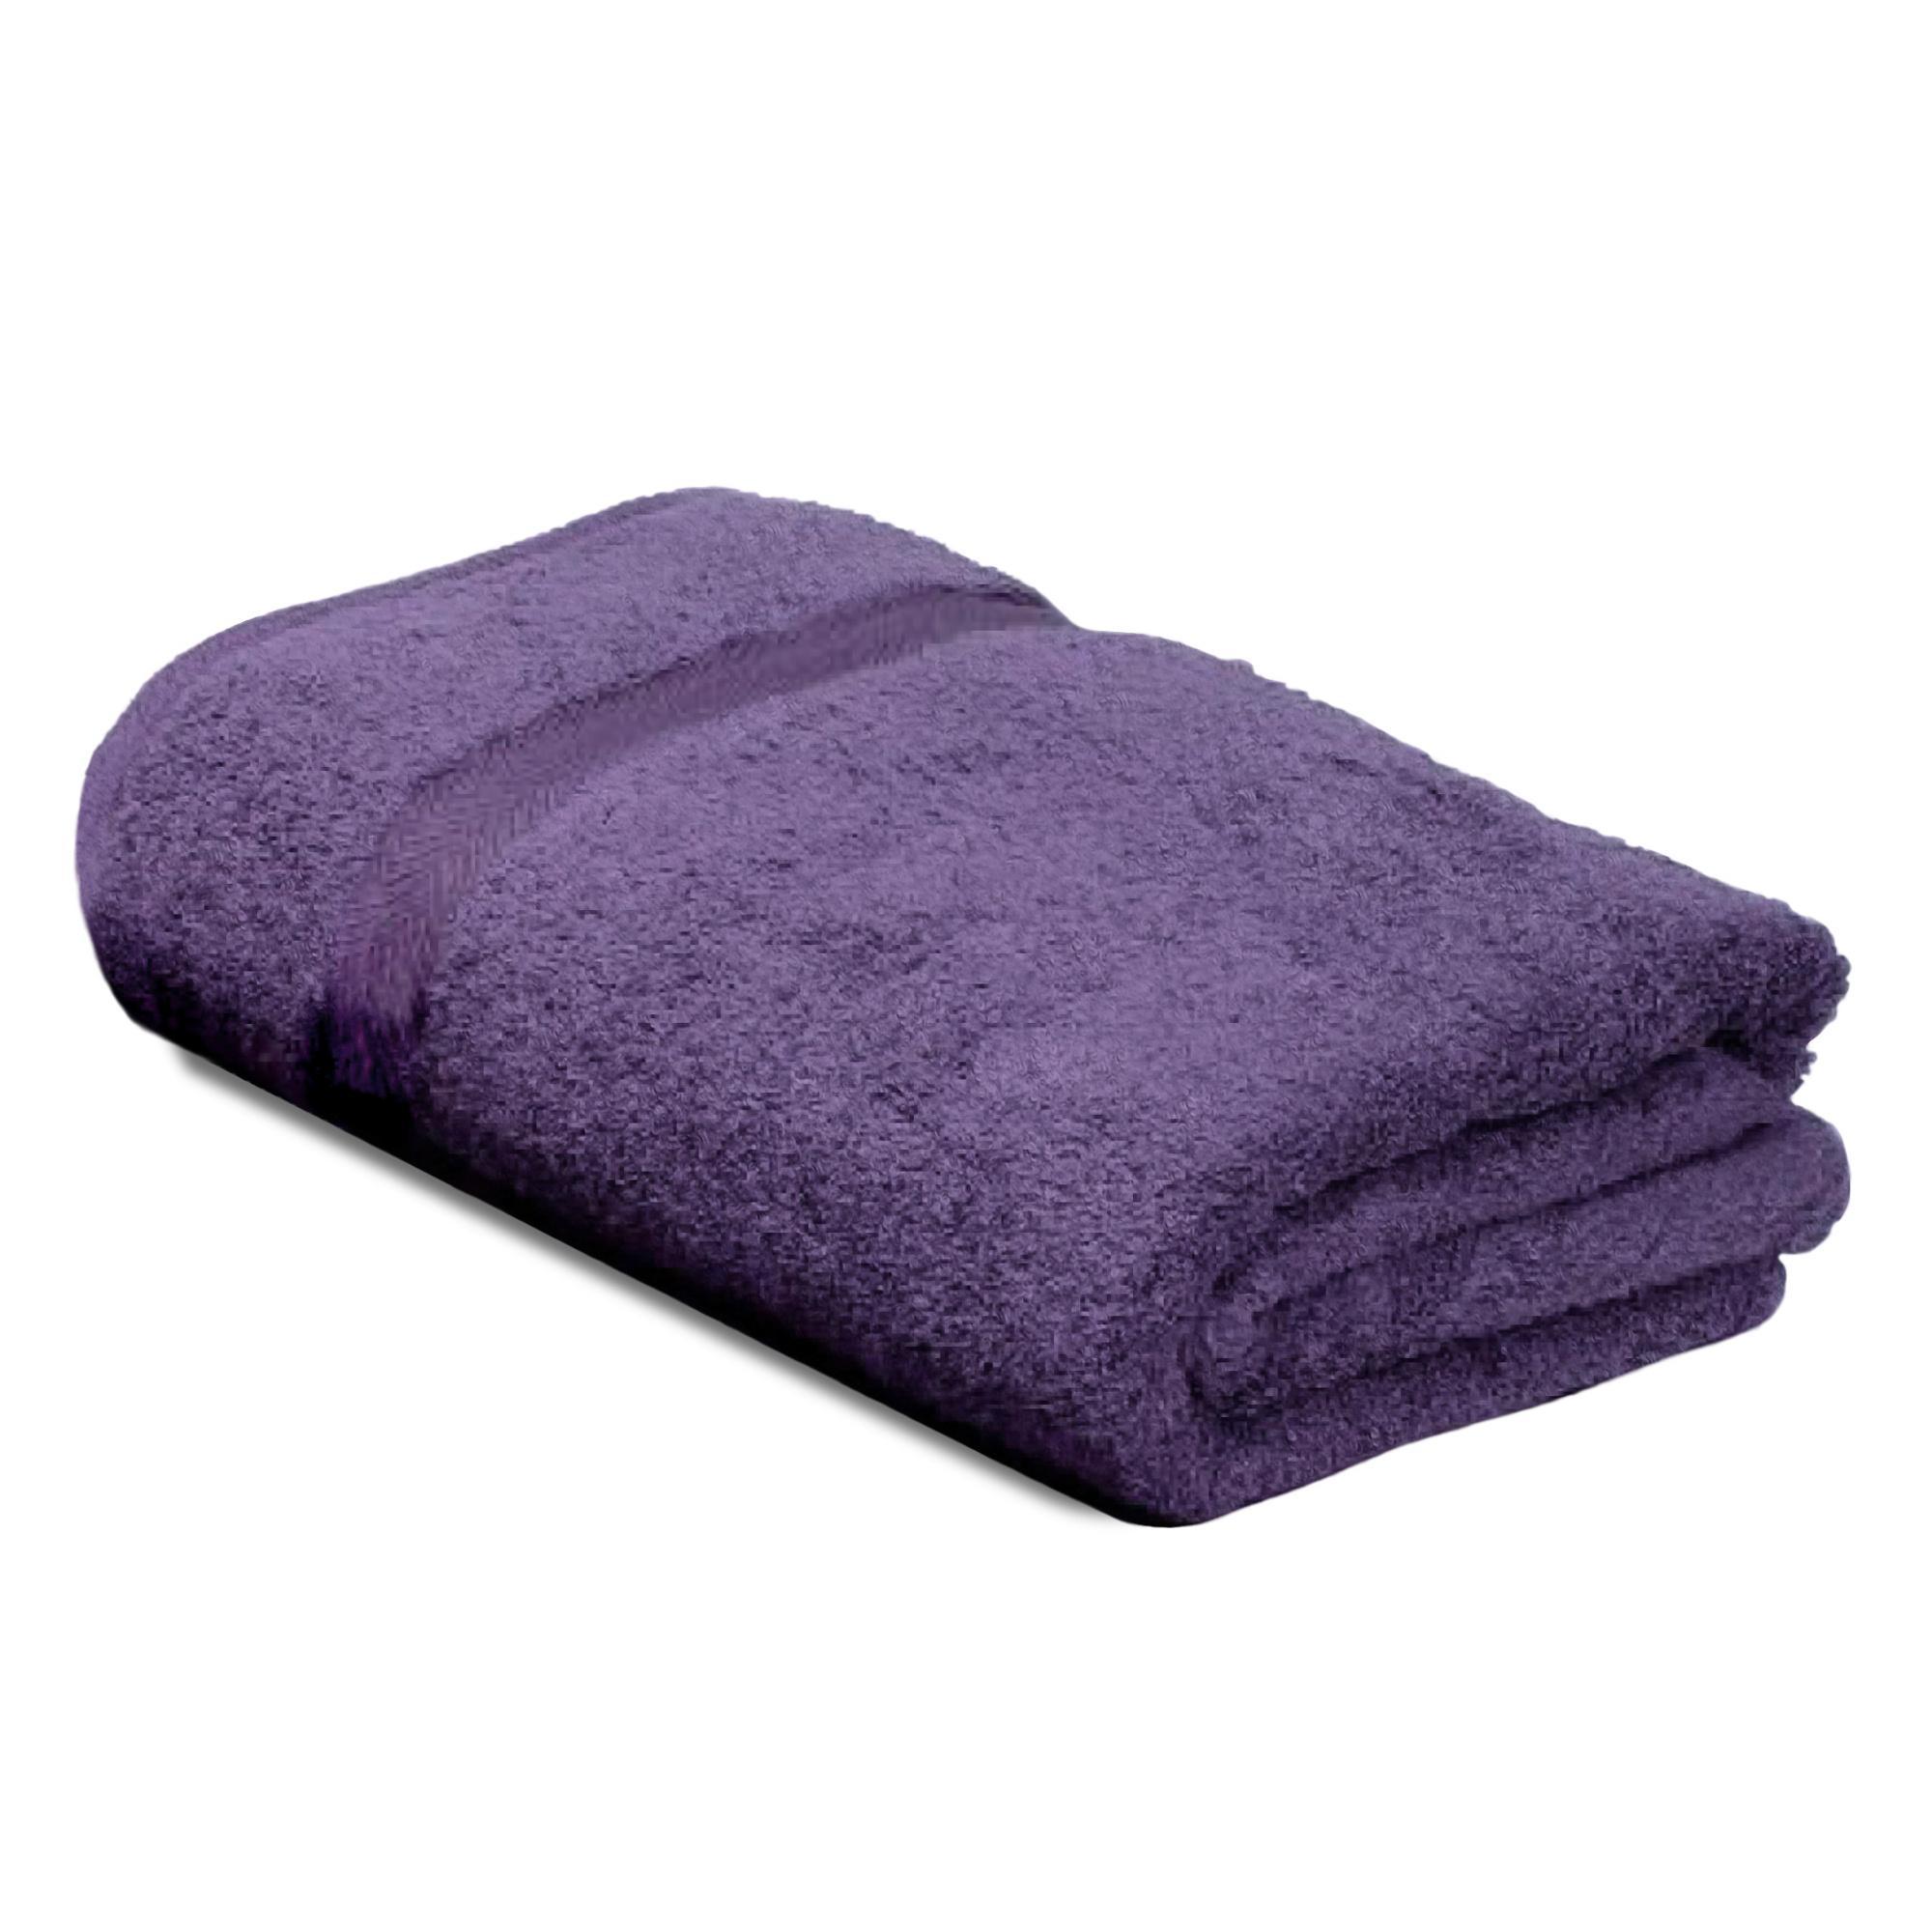 drap de bain 100x150 coton uni royal cresent violet prune linnea linge de maison et. Black Bedroom Furniture Sets. Home Design Ideas